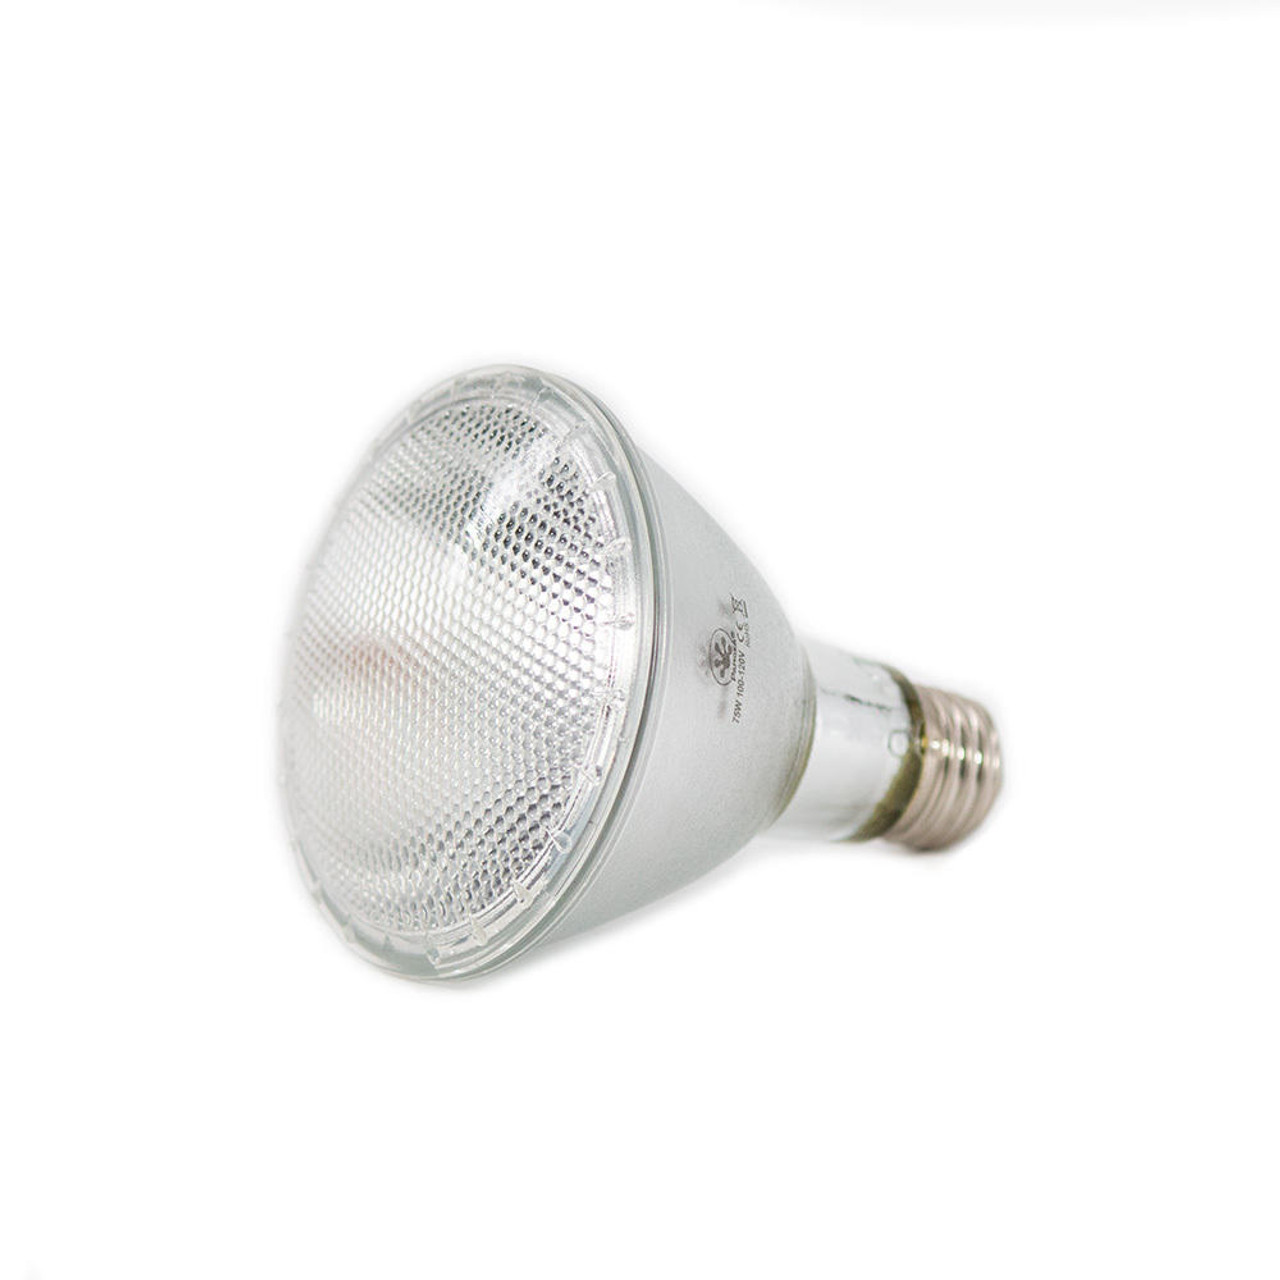 Pangea Pangea 50w Pangea Halogen Heat Lamp-4pk